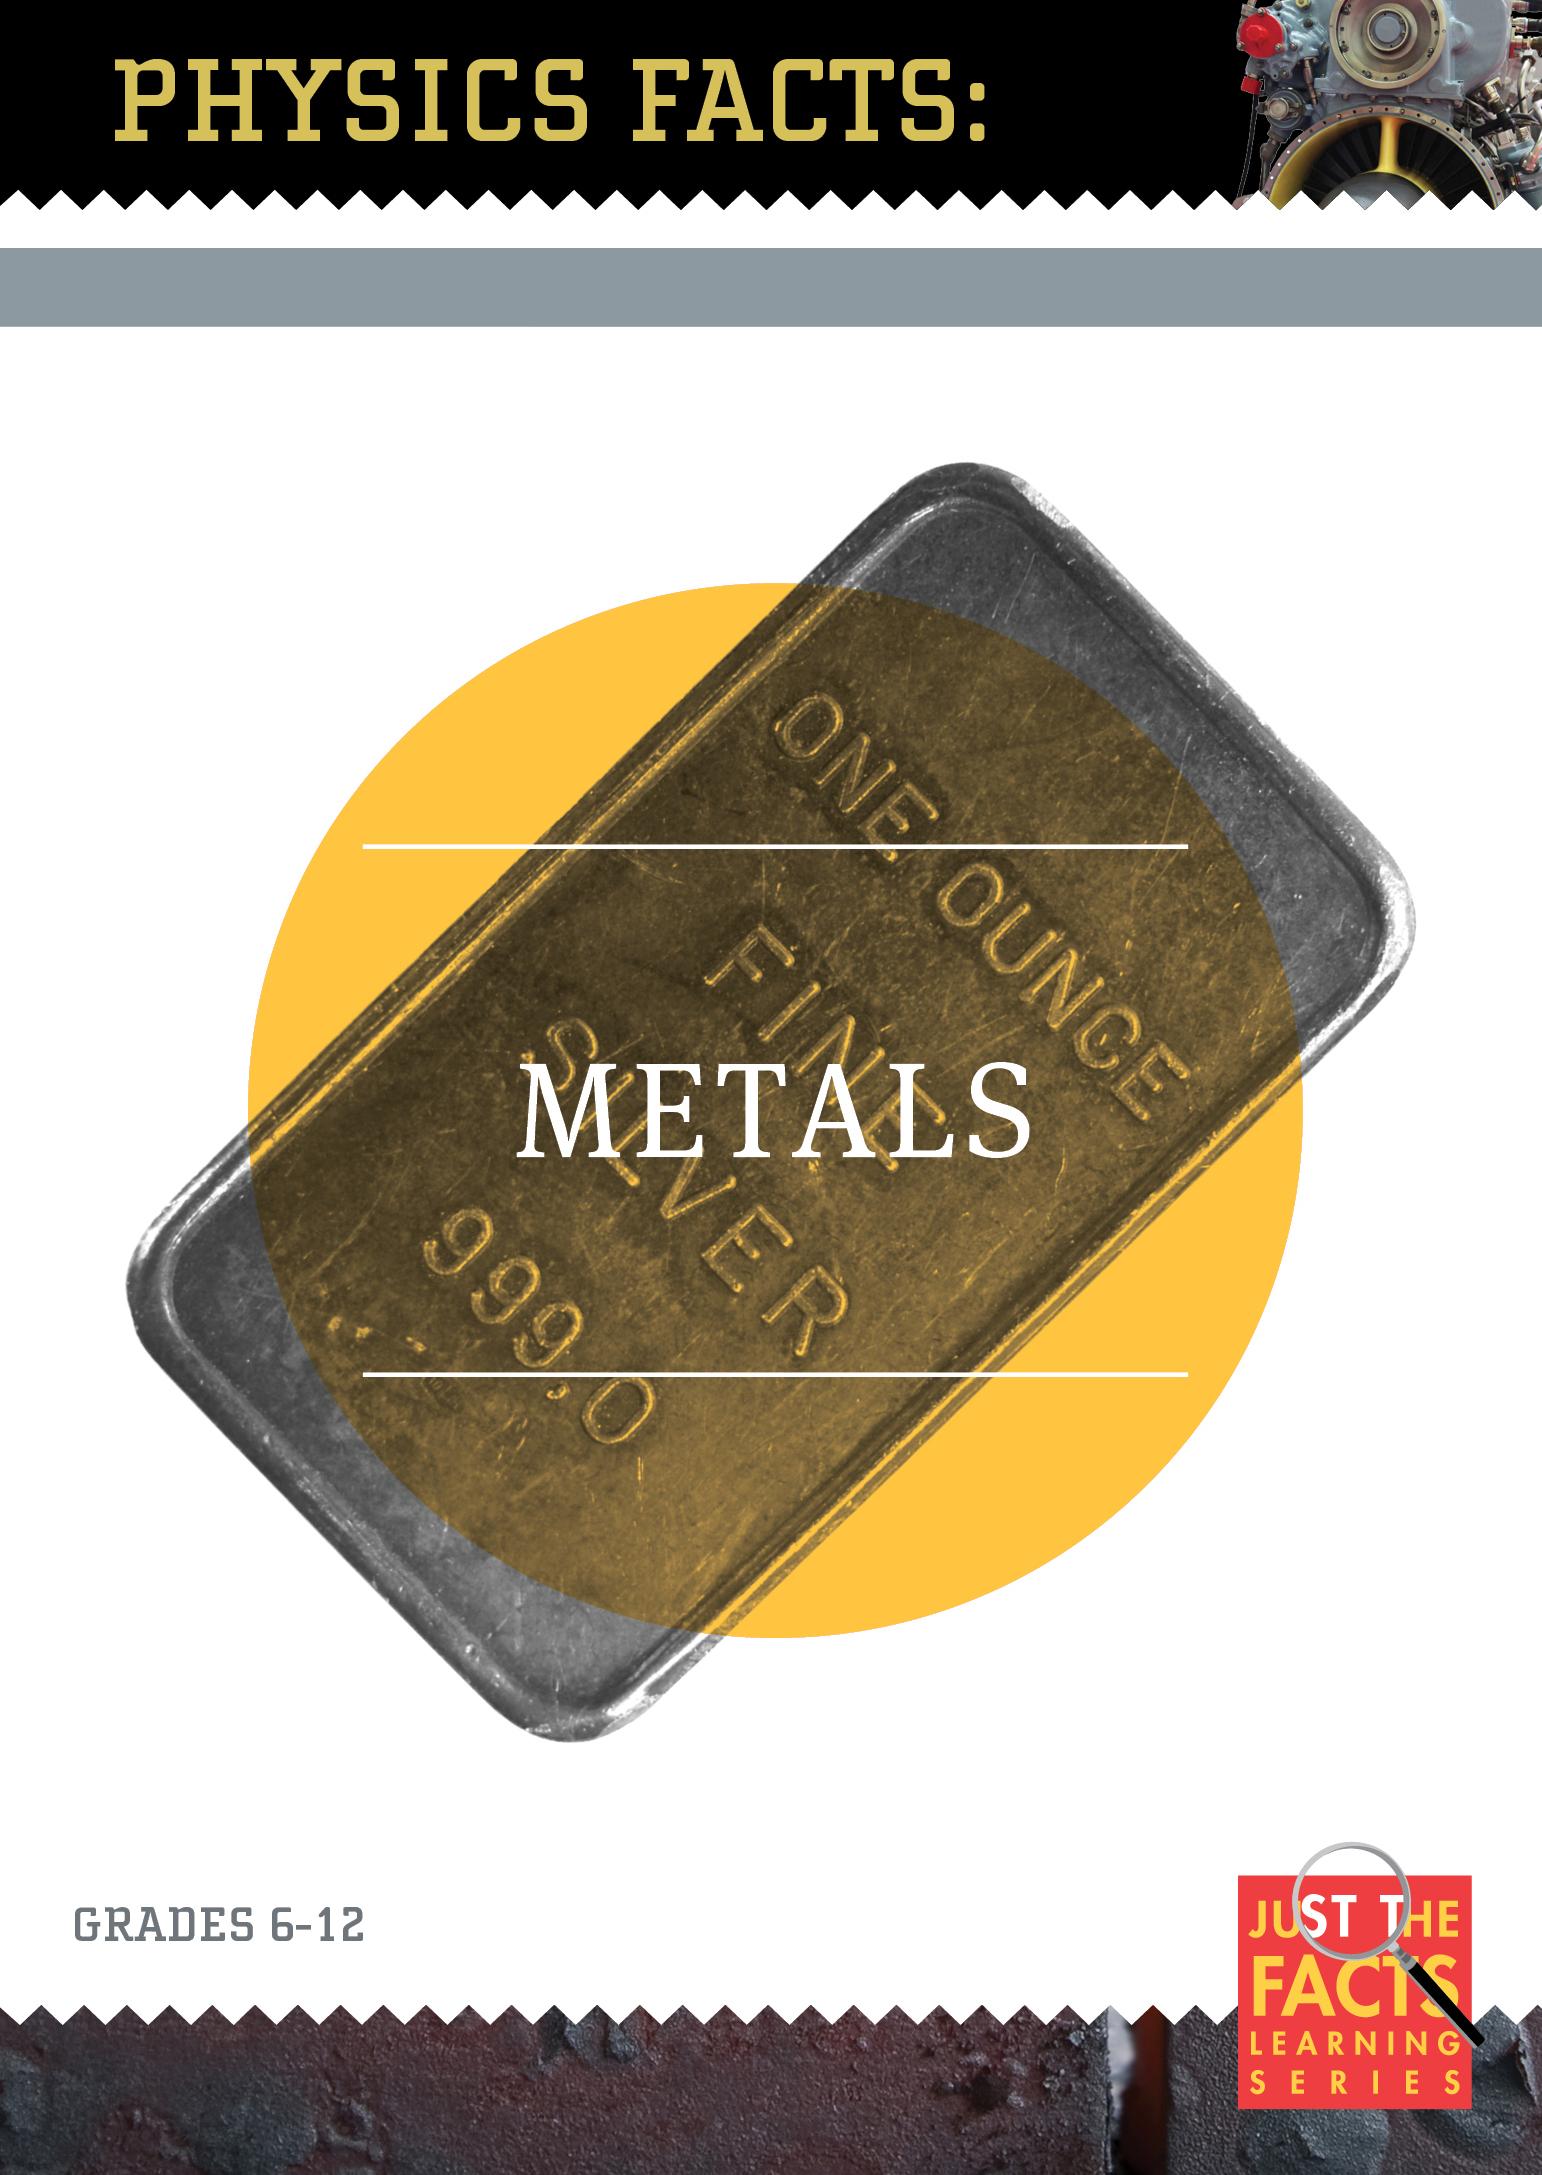 Physics Facts: Metals